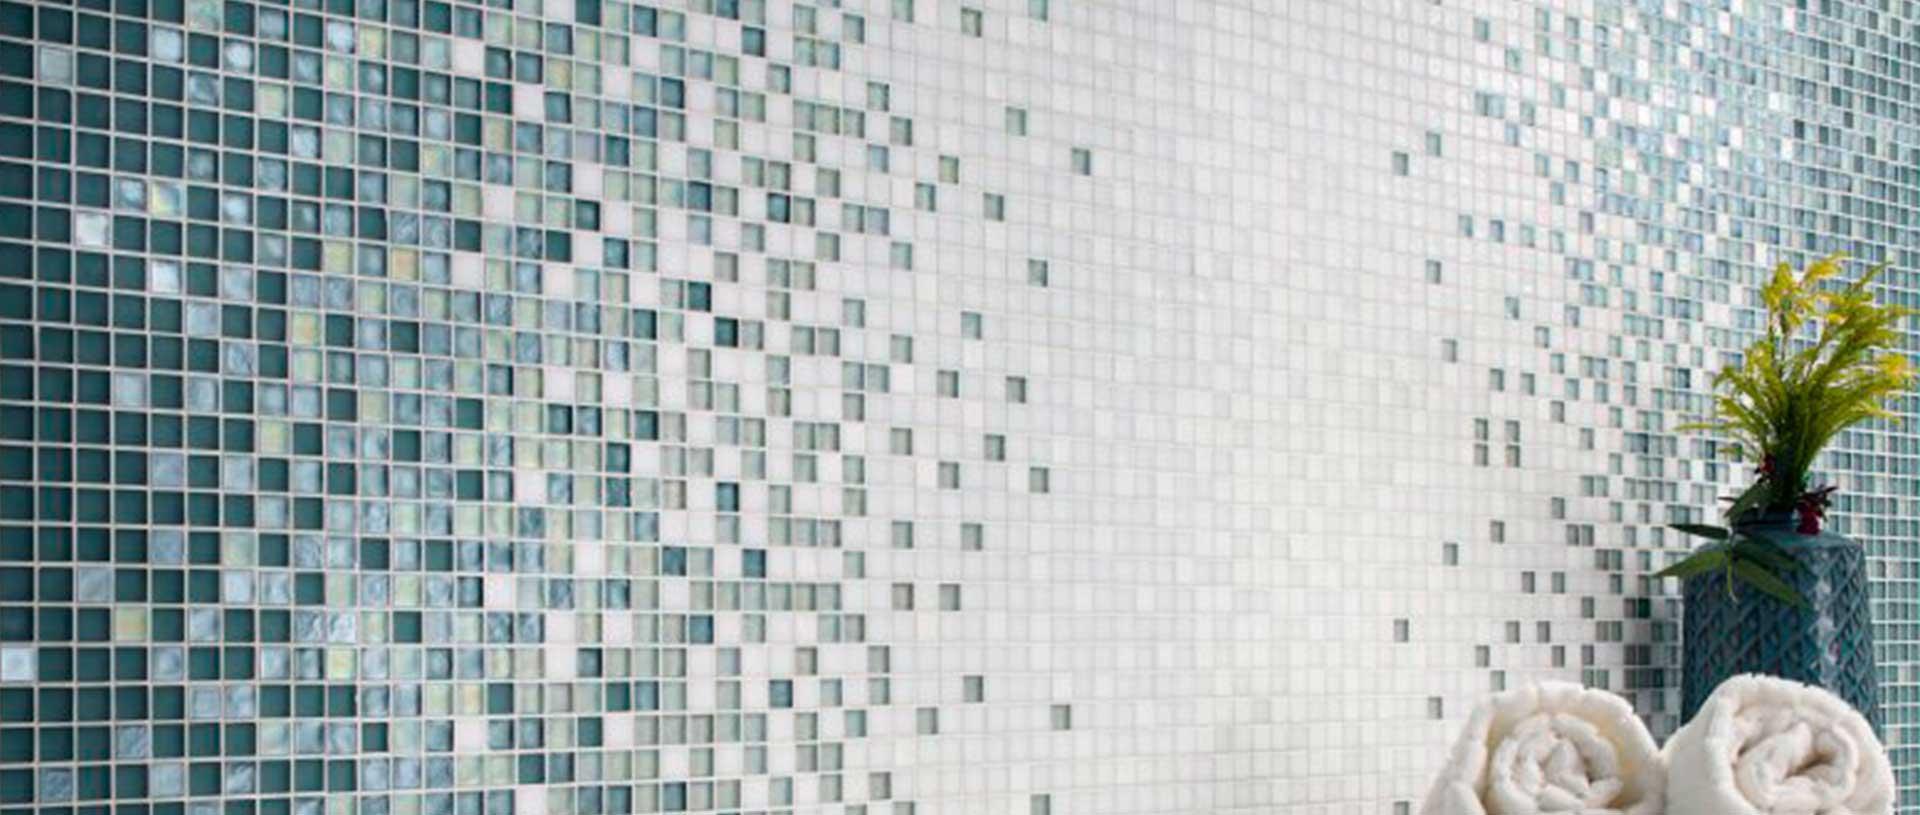 Мозаика                                    50 % скидка